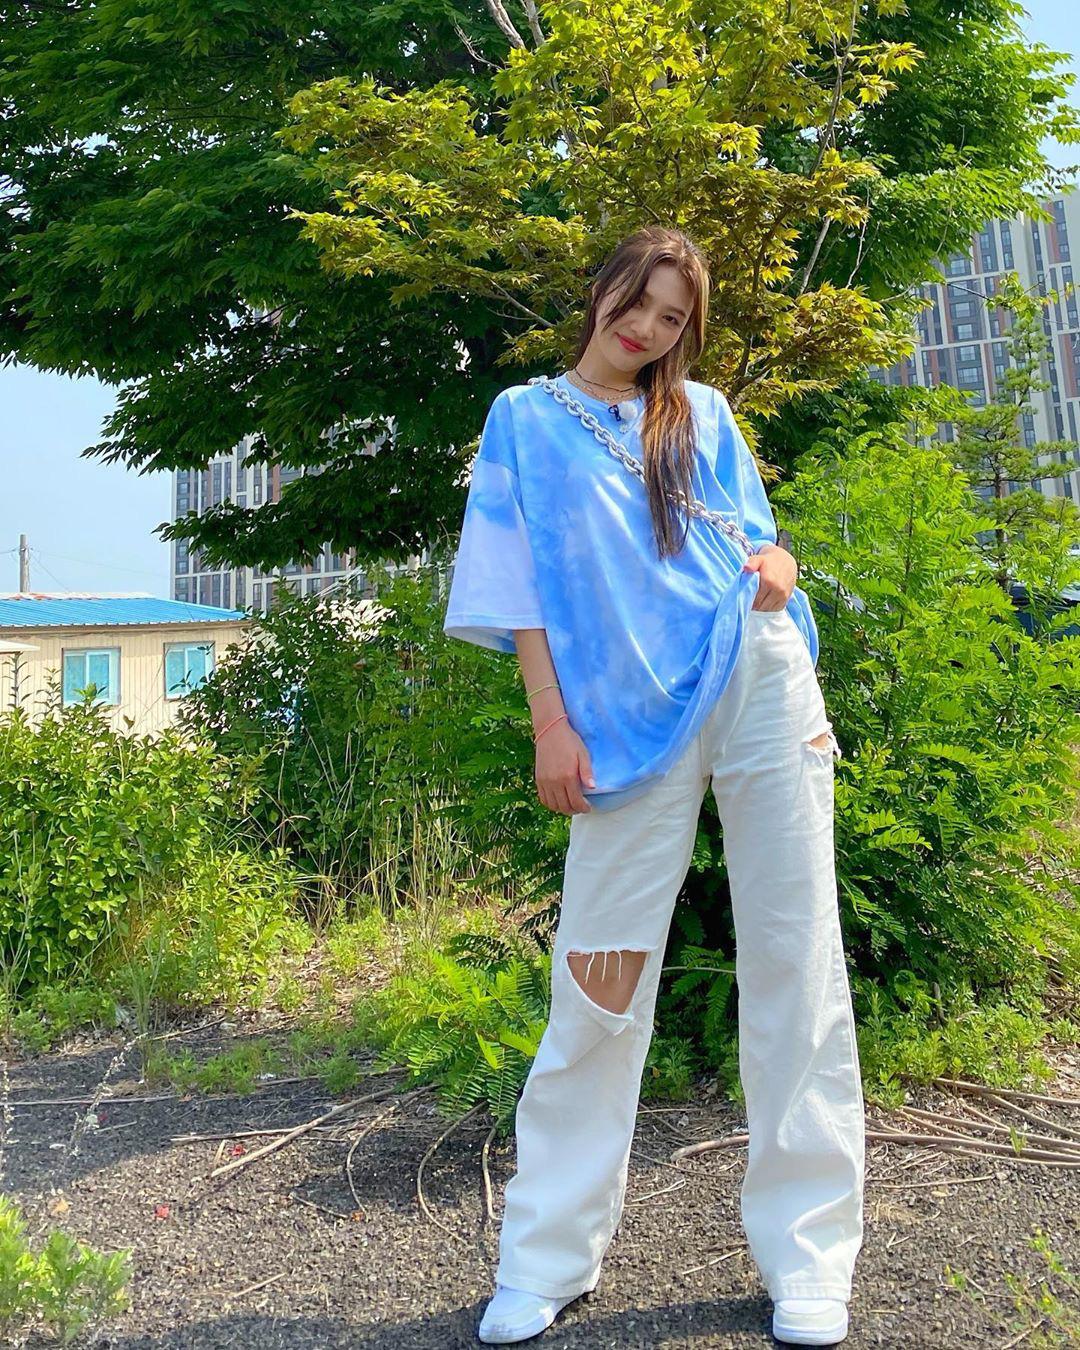 Ngắm outfit của sao Hàn, bạn học được khối tuyệt kỹ mix&match cực hay để có set đồ xinh bất bại - Ảnh 5.